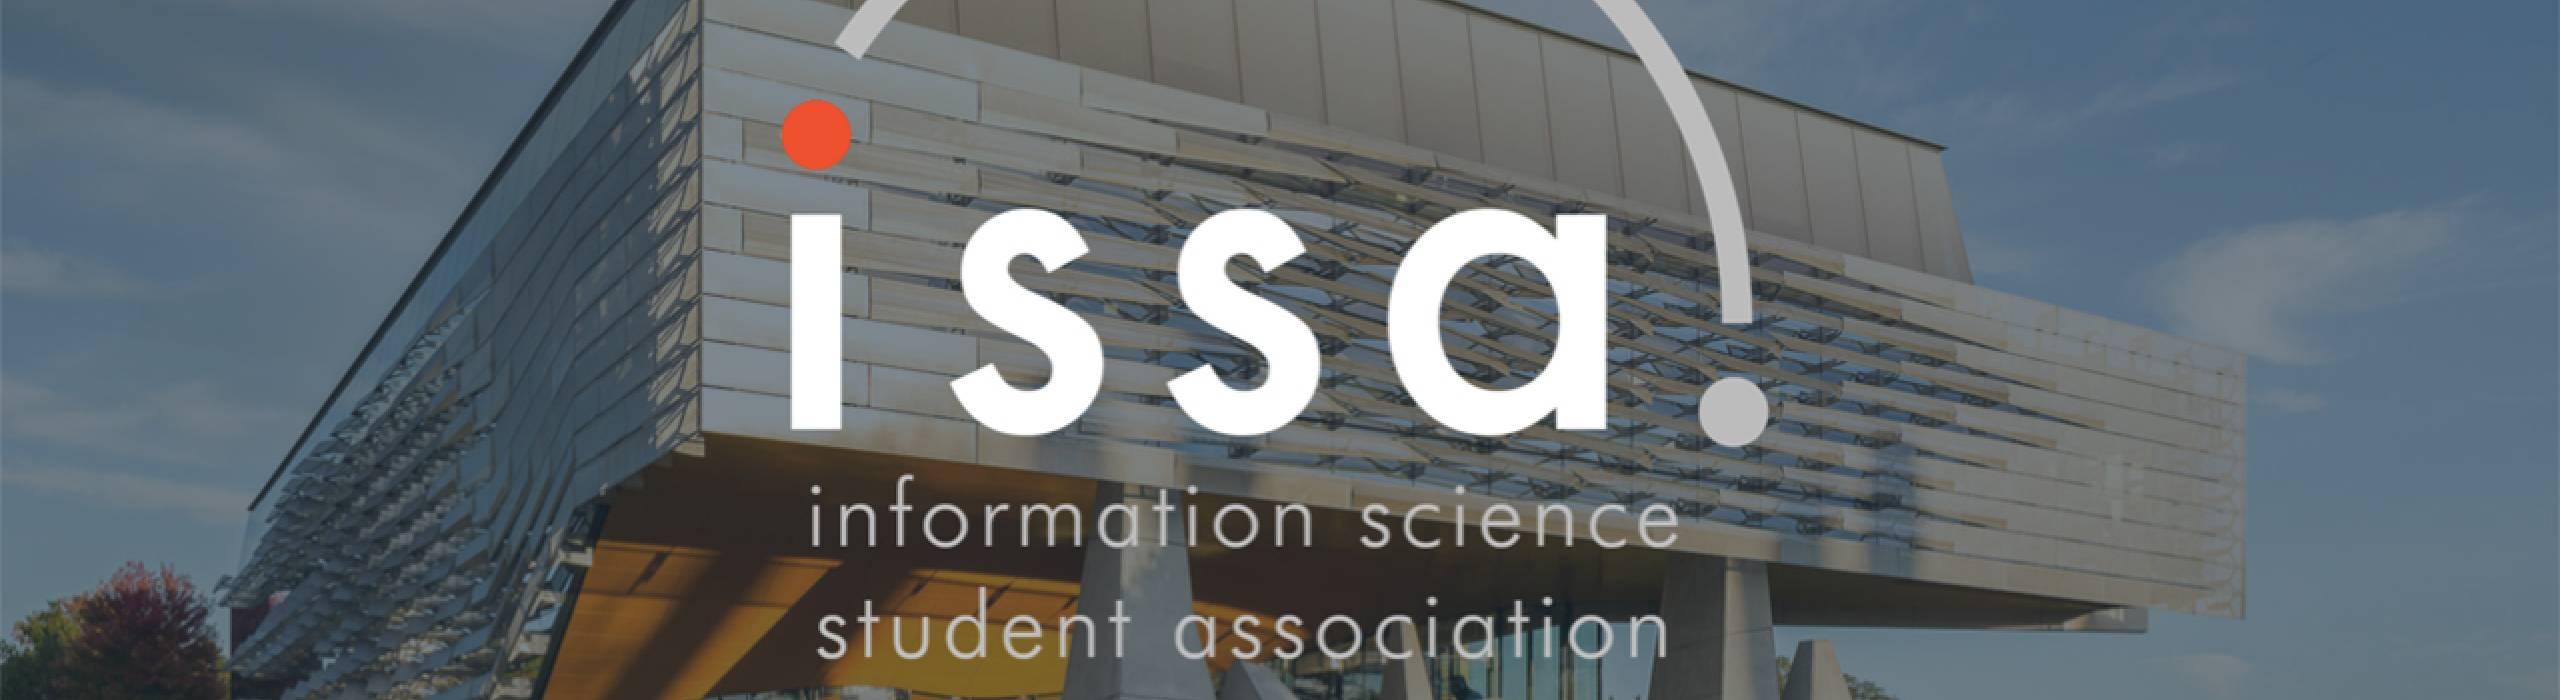 The ISSA logo